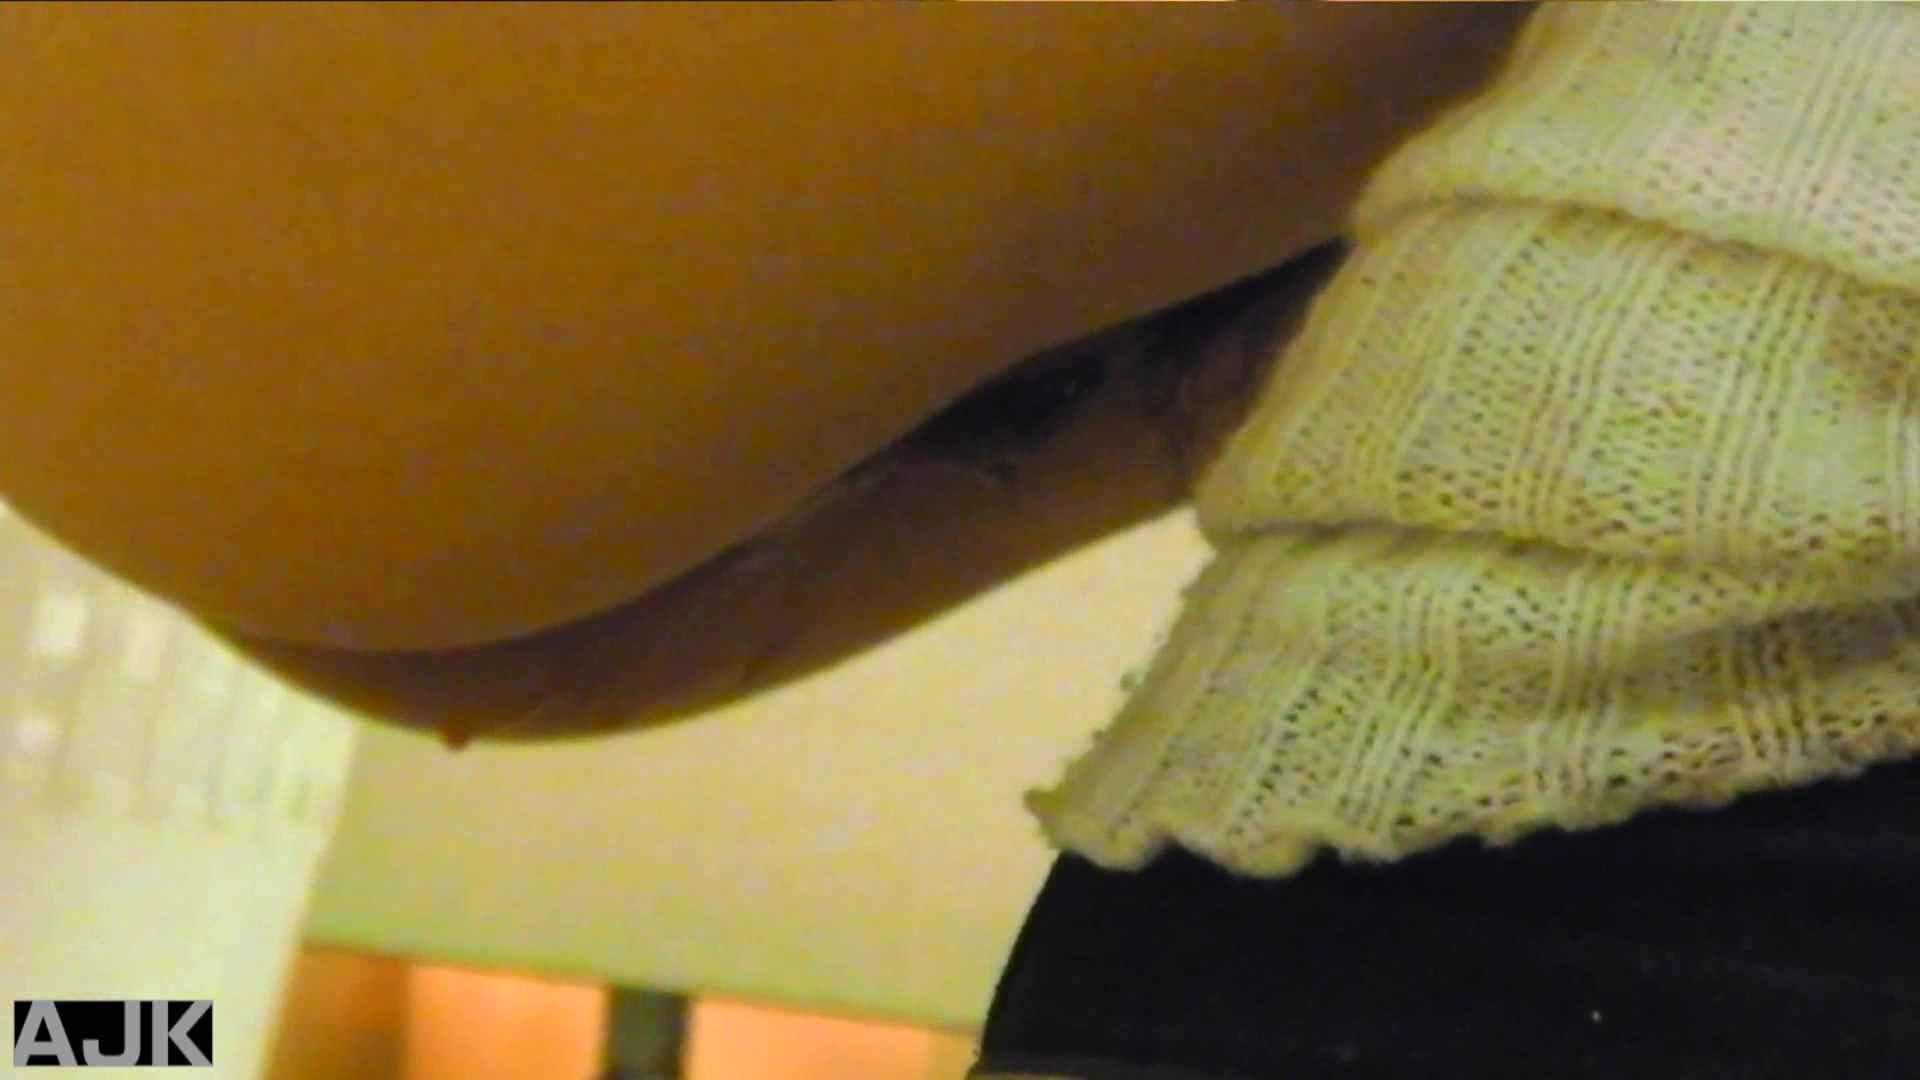 隣国上階級エリアの令嬢たちが集うデパートお手洗い Vol.17 お手洗い  46Pix 28